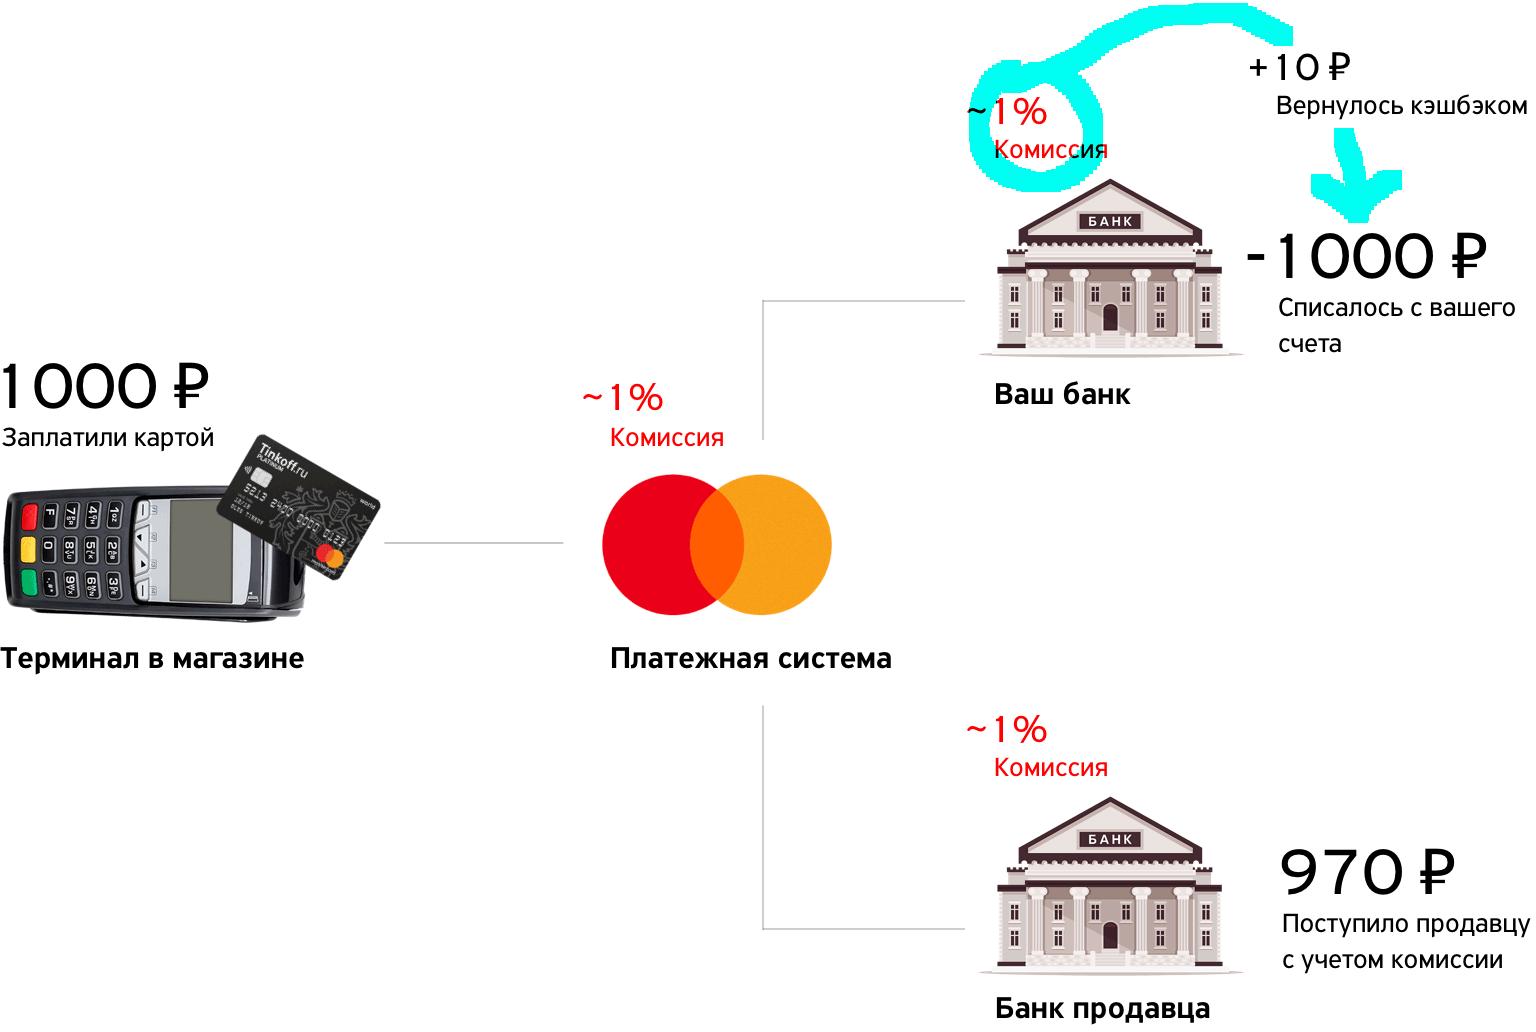 Как работает кэшбэк тинькофф salda smarty 4x v 1 2